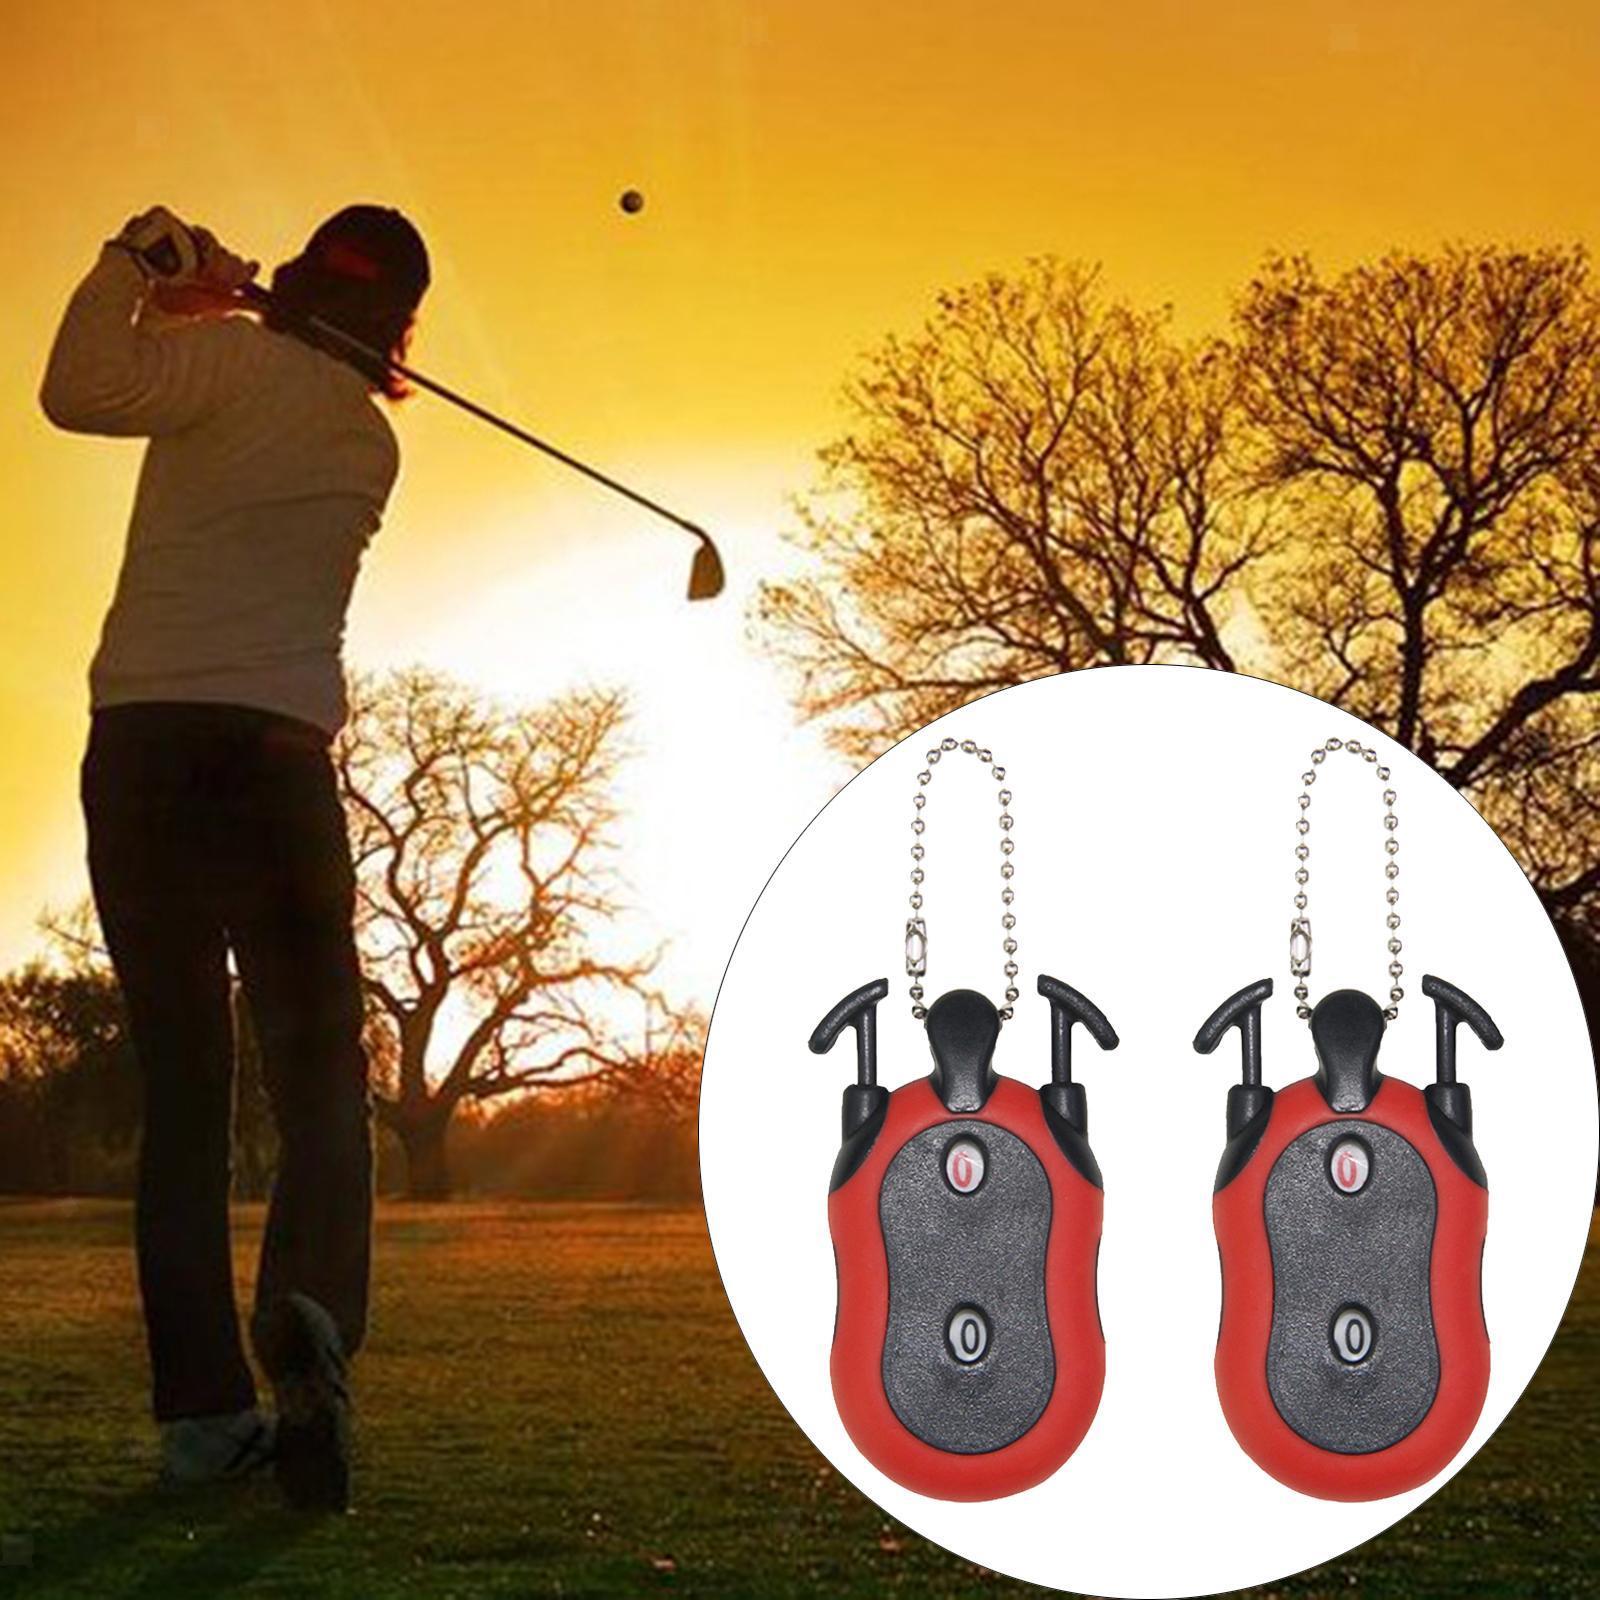 Indexbild 17 - 2 Stück Golf Score Zähler 2-in-1 Double Dial Stroke Putt Scorer mit